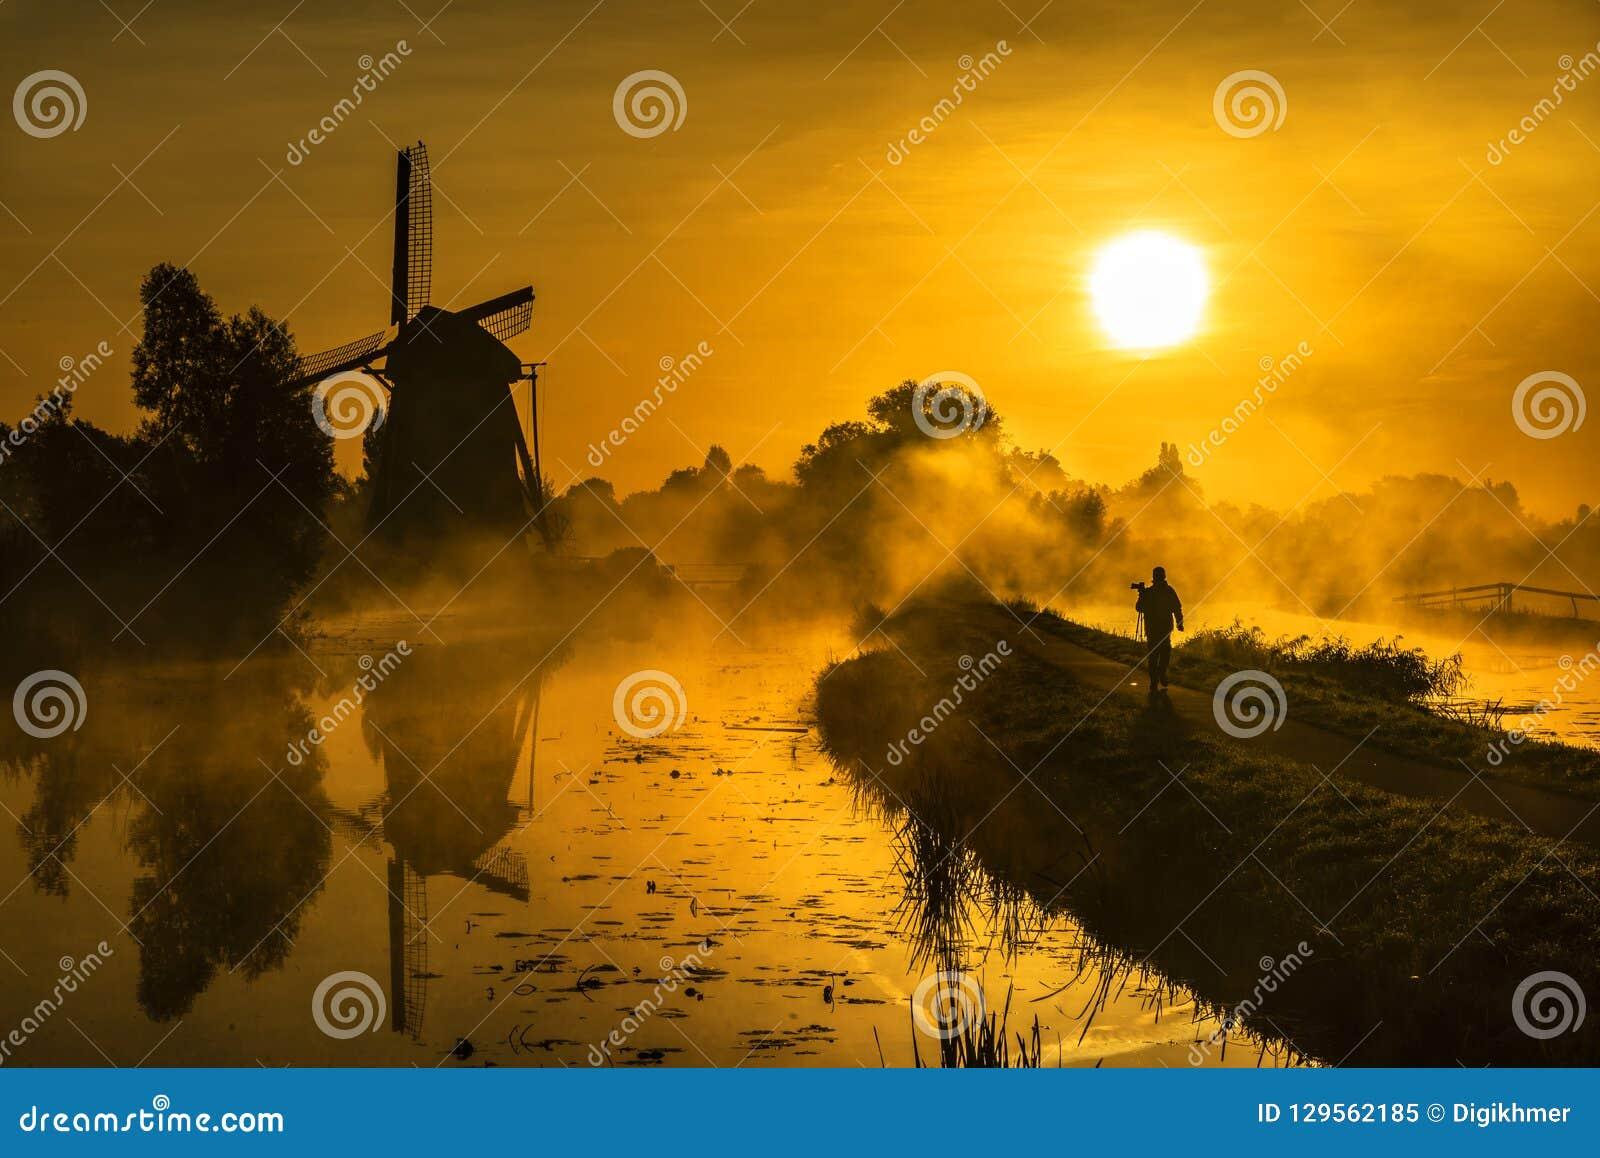 Wschód słońca myśliwego odprowadzenie w kierunku słońca